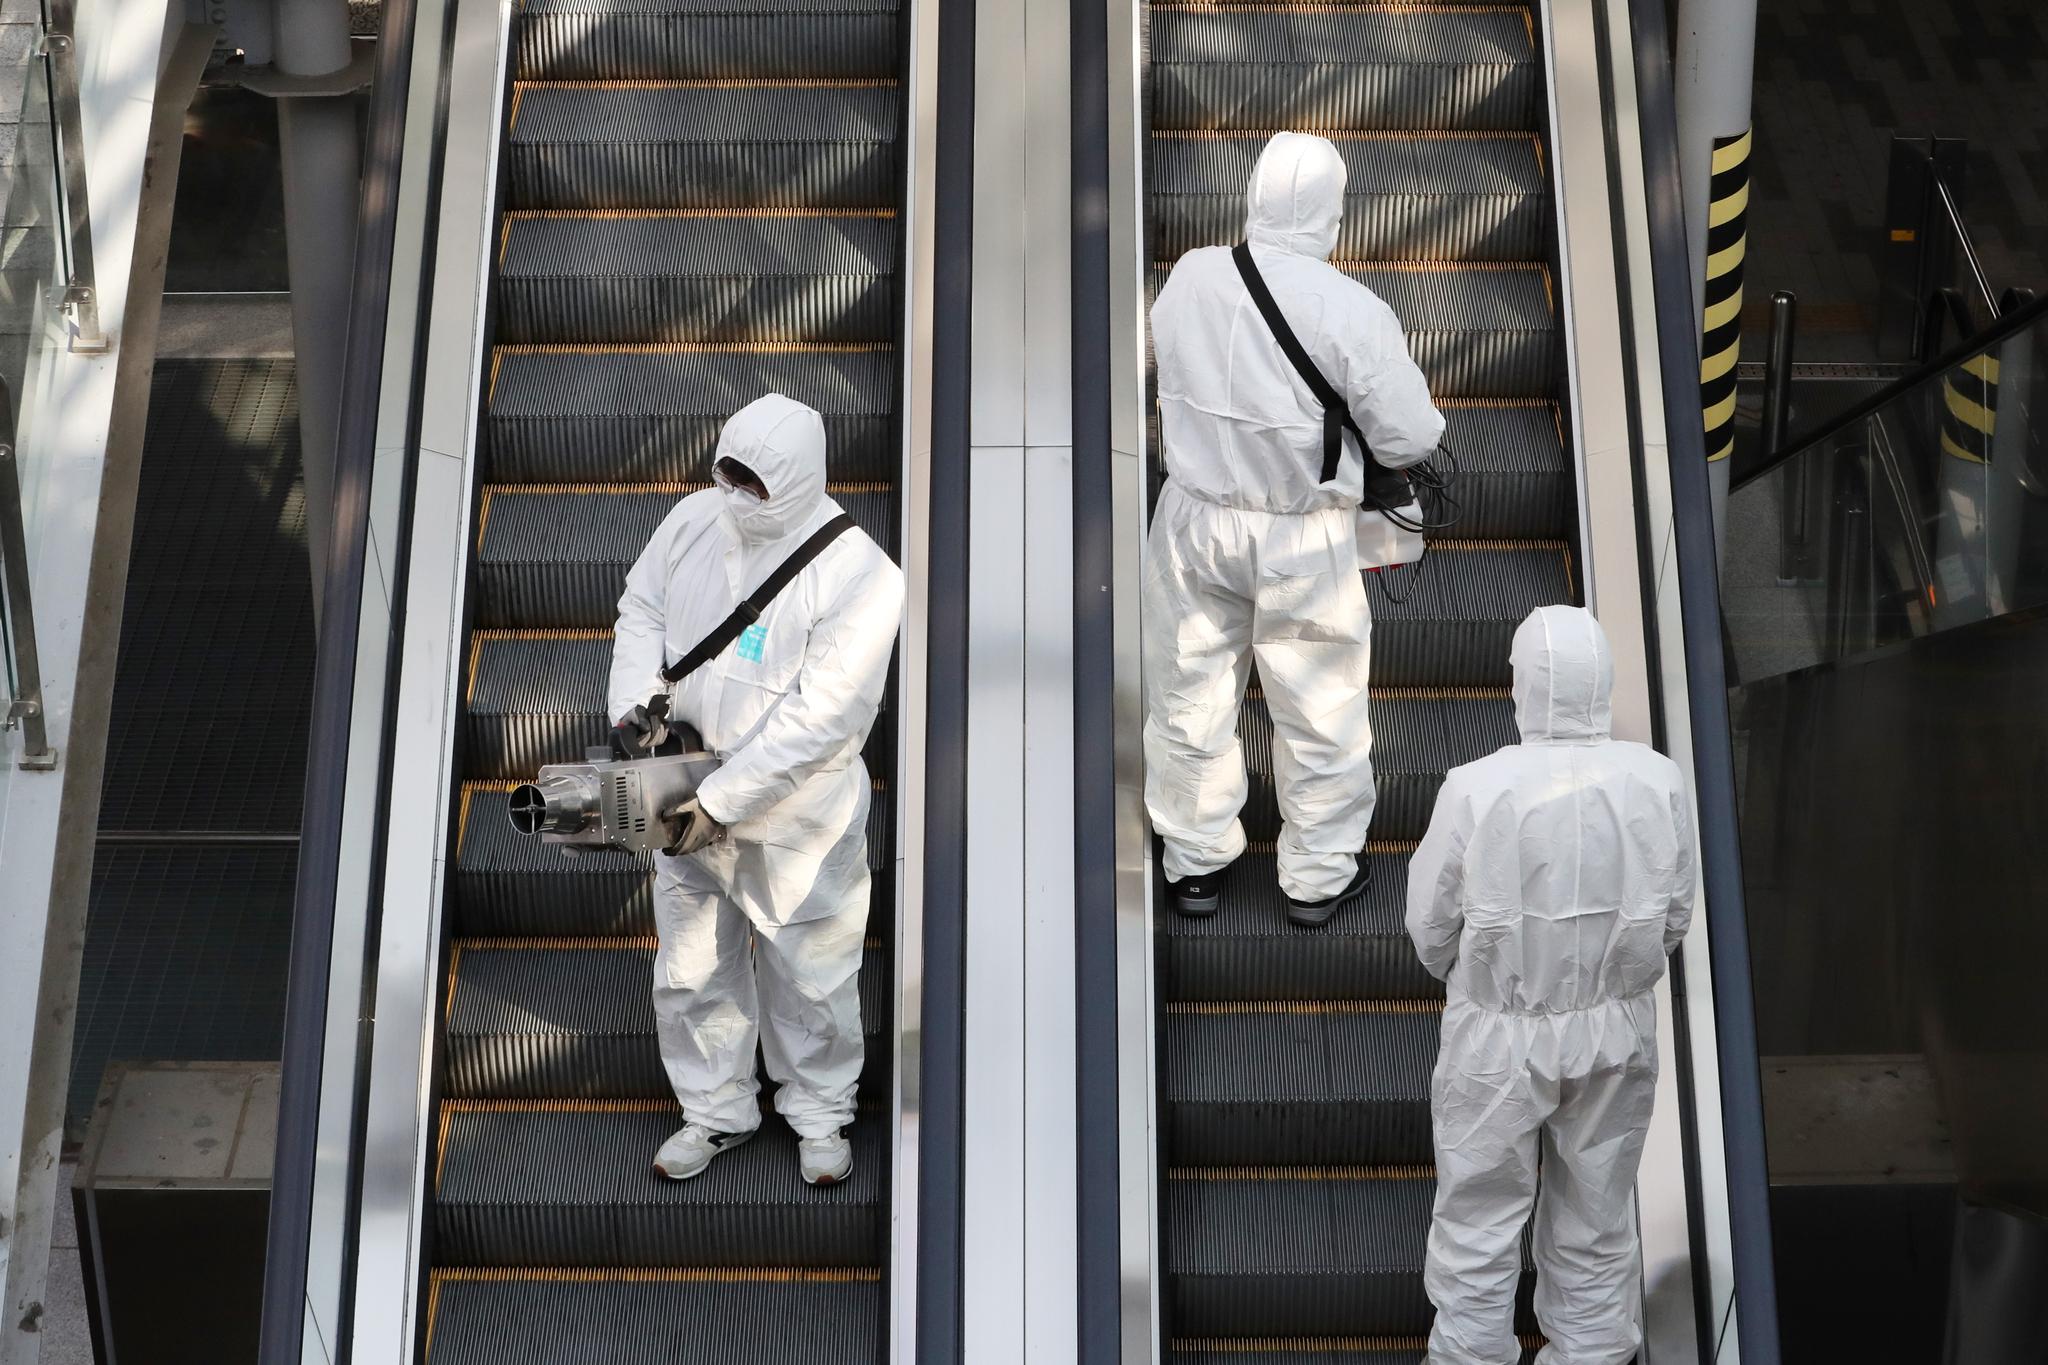 3일 오후 경기도 수원역 환승센터에서 수원도시공사 관계자들이 신종 코로나바이러스 감염증 확산을 방지하기 위한 방역 작업을 하고 있다. [뉴스1]